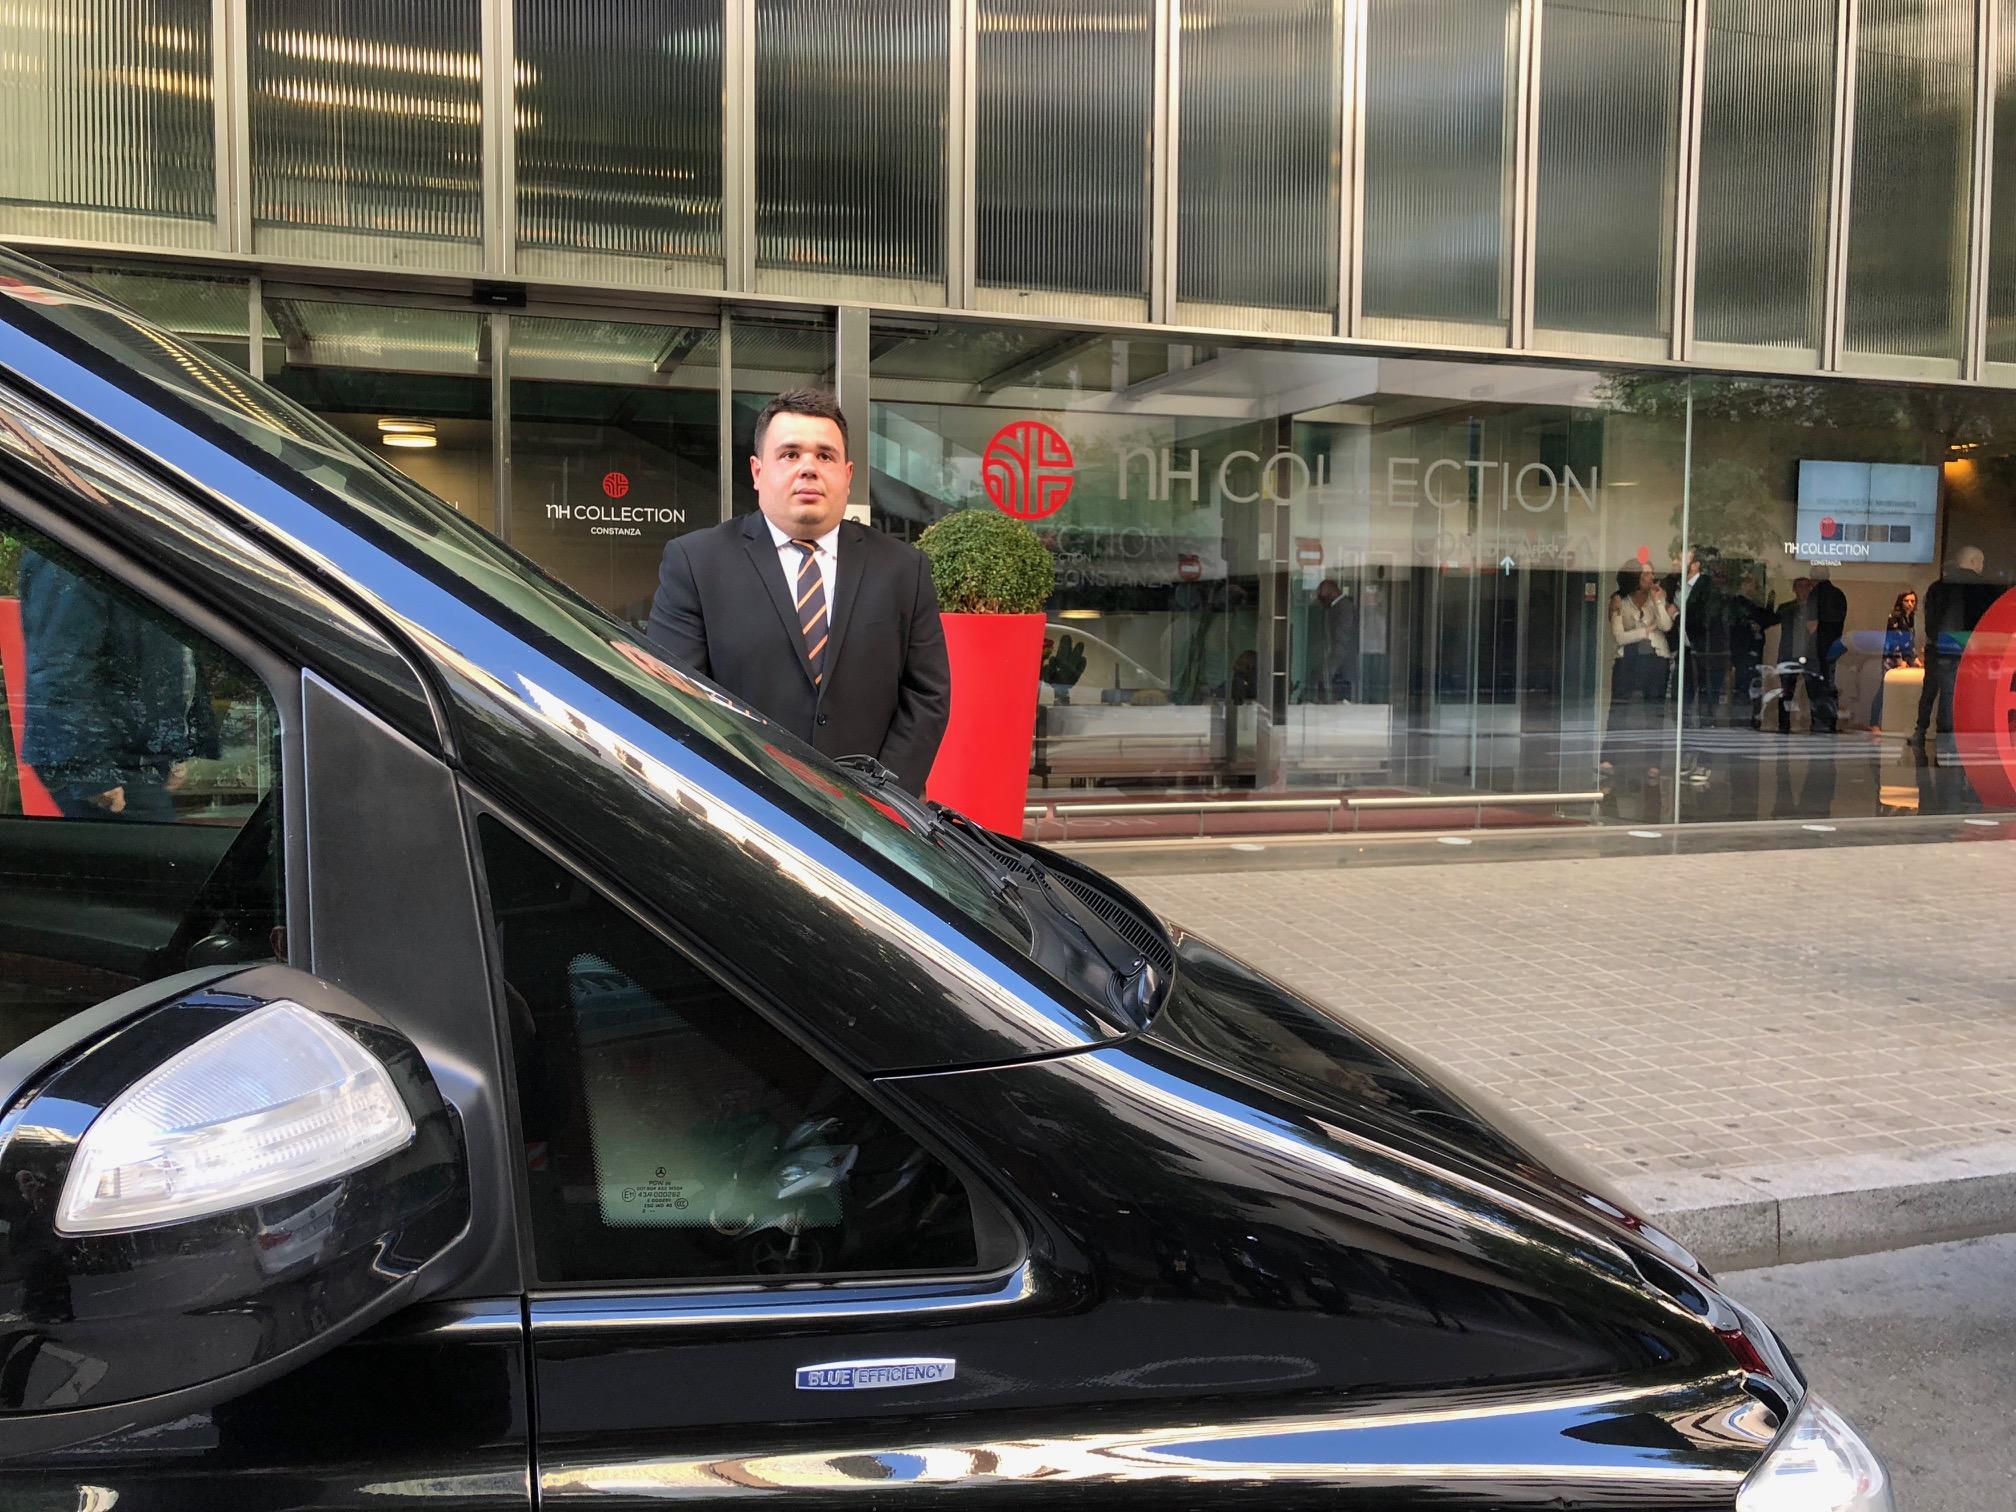 ¿En qué aeropuerto puede recogerme un coche de lujo con chófer de Exclusive Cars? 1